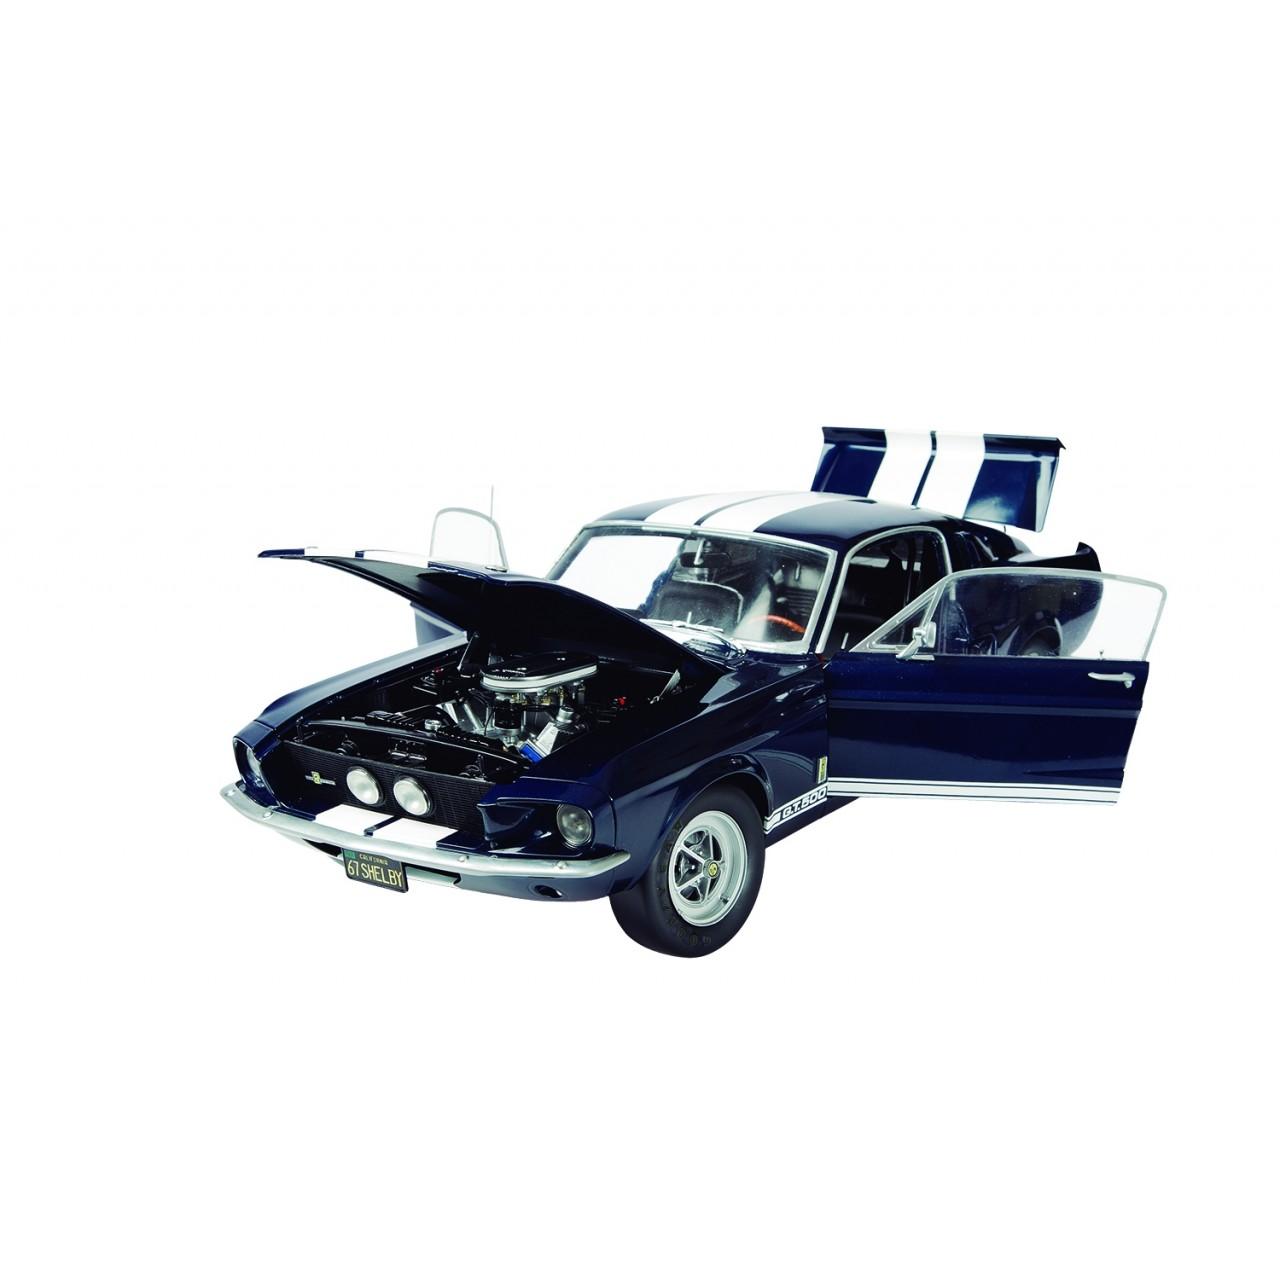 Ford shelby mustang gt500 18 model full kit